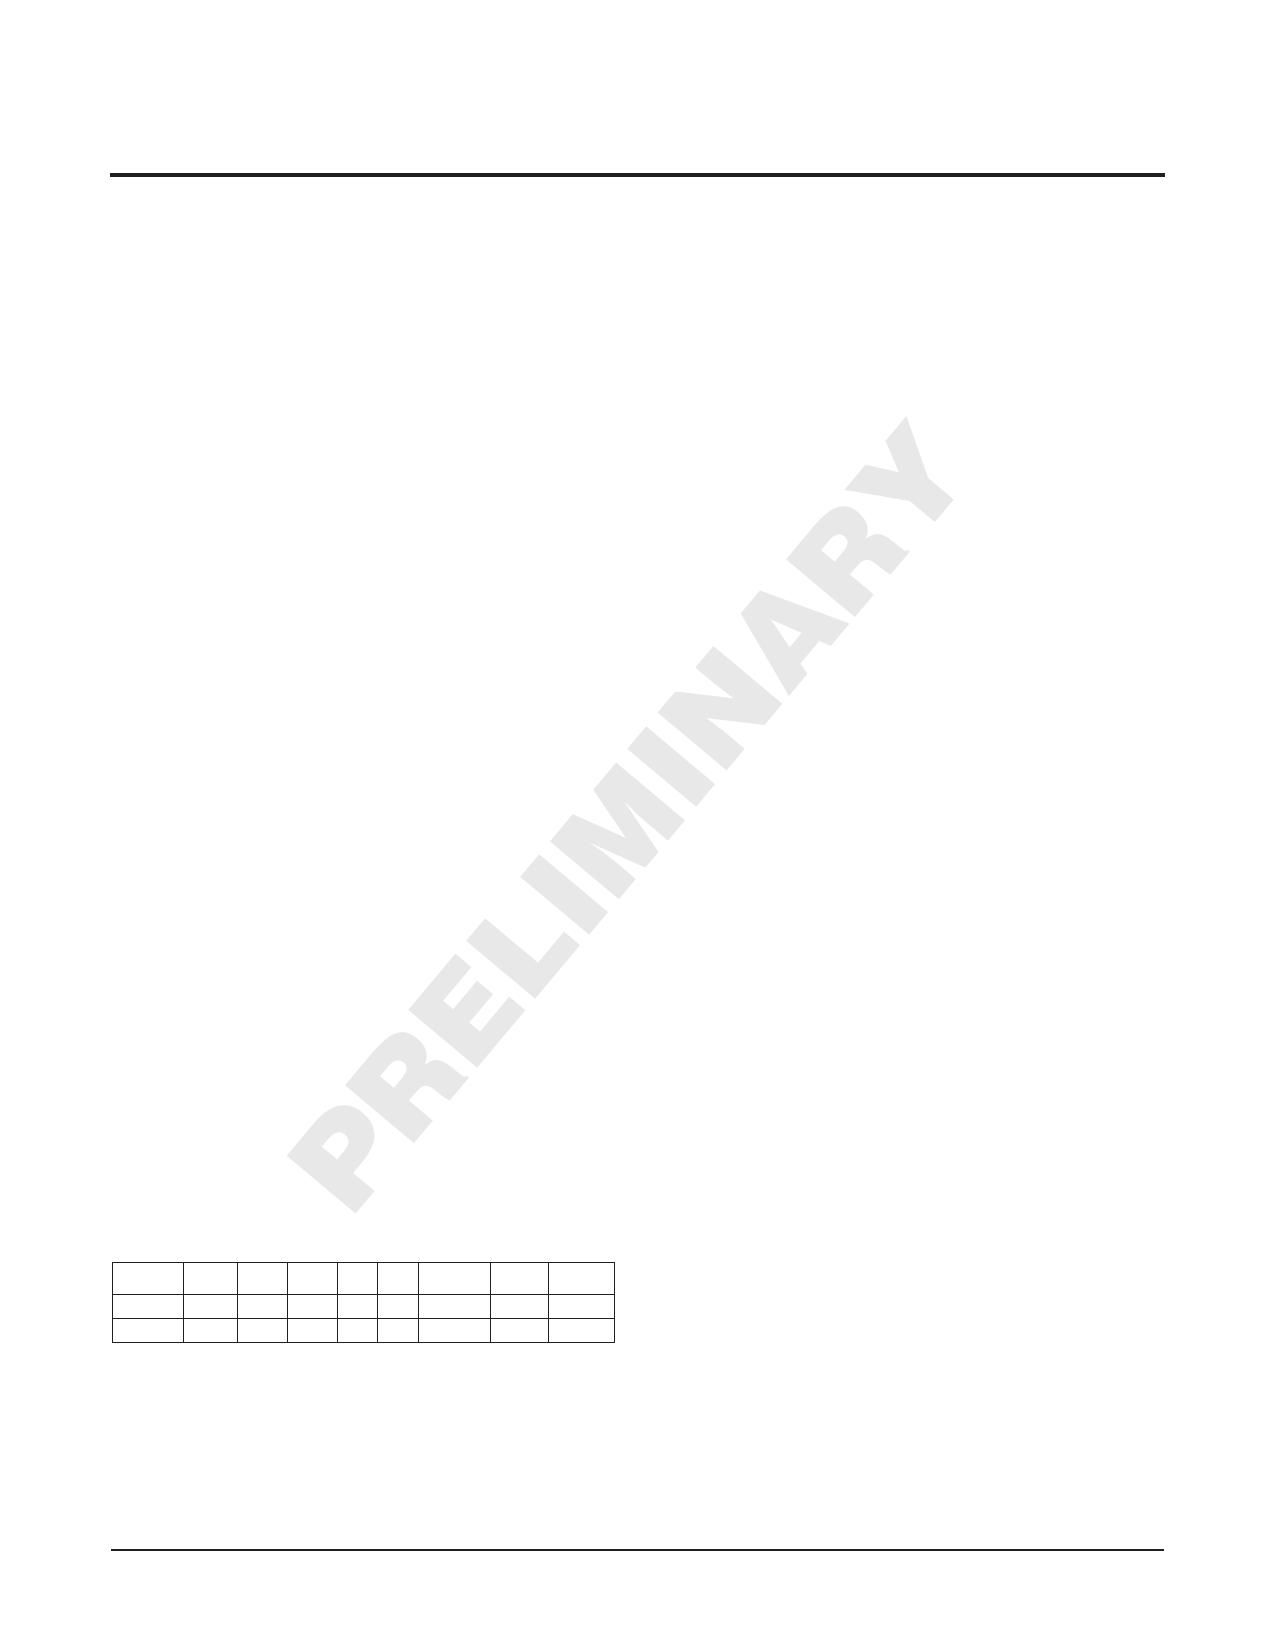 X1205 pdf